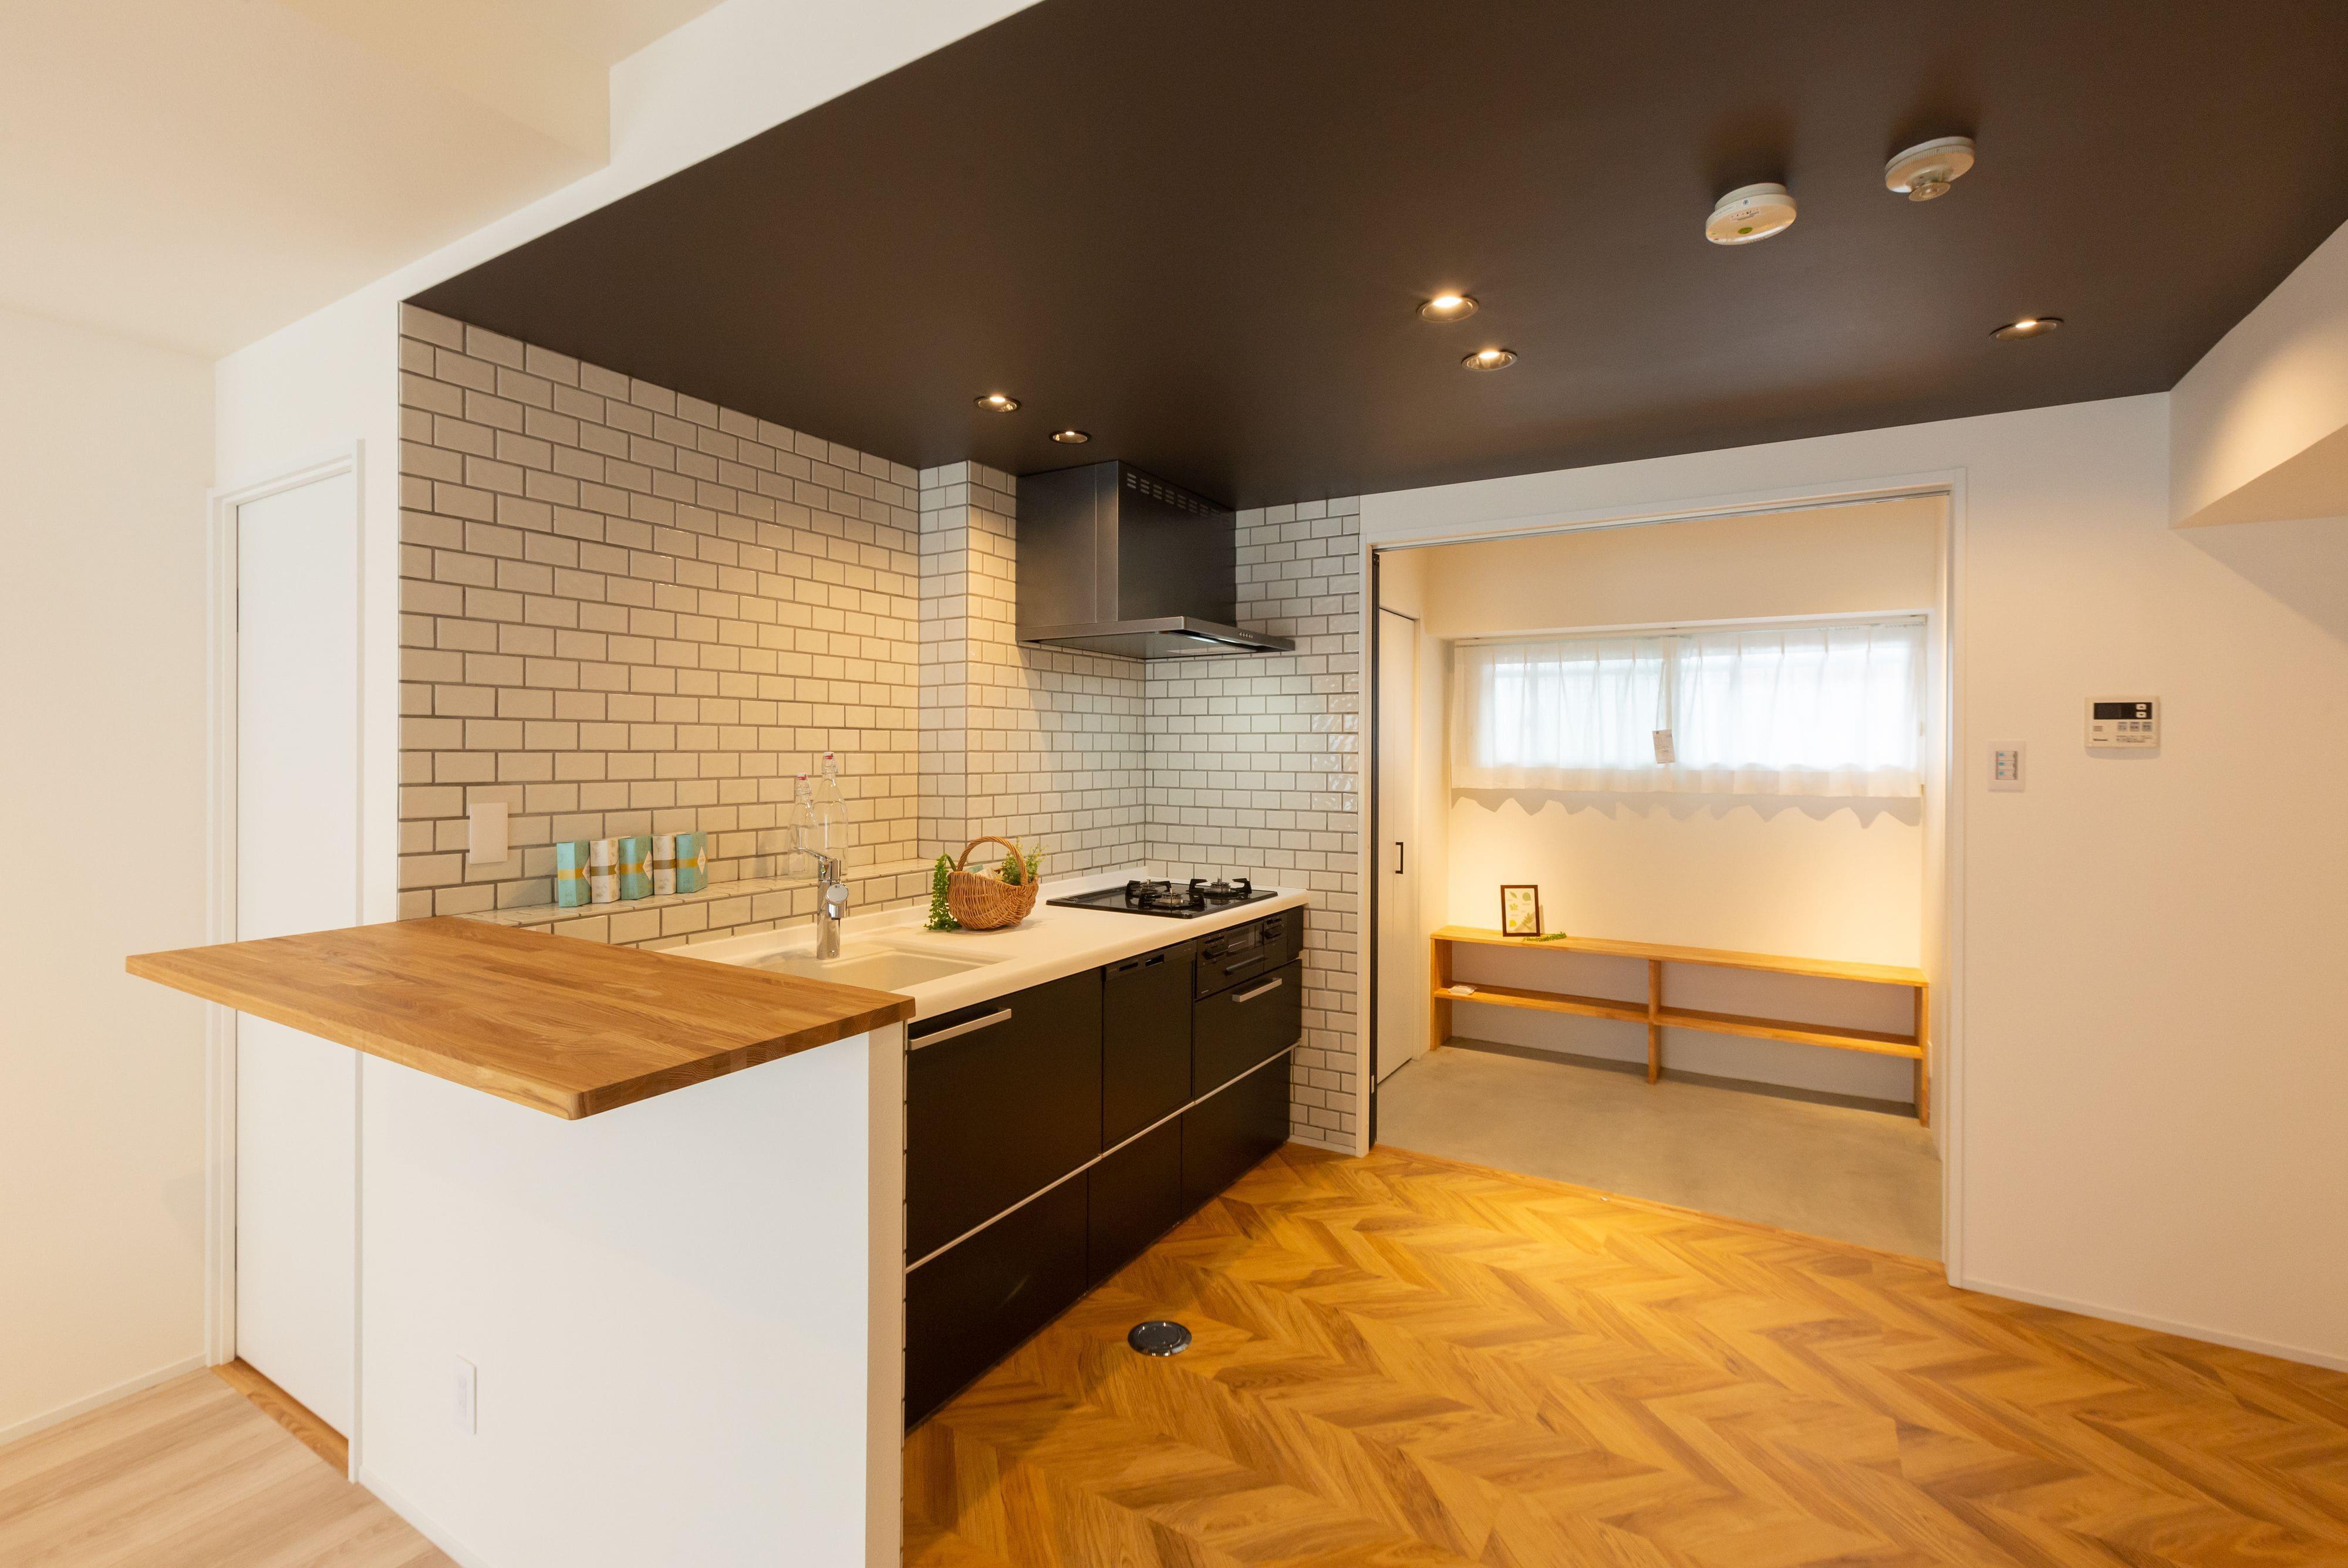 ヘリンボーンがカッコイイ、カリフォルニア風キッチンは玄関土間につながっていて便利な動線になっています